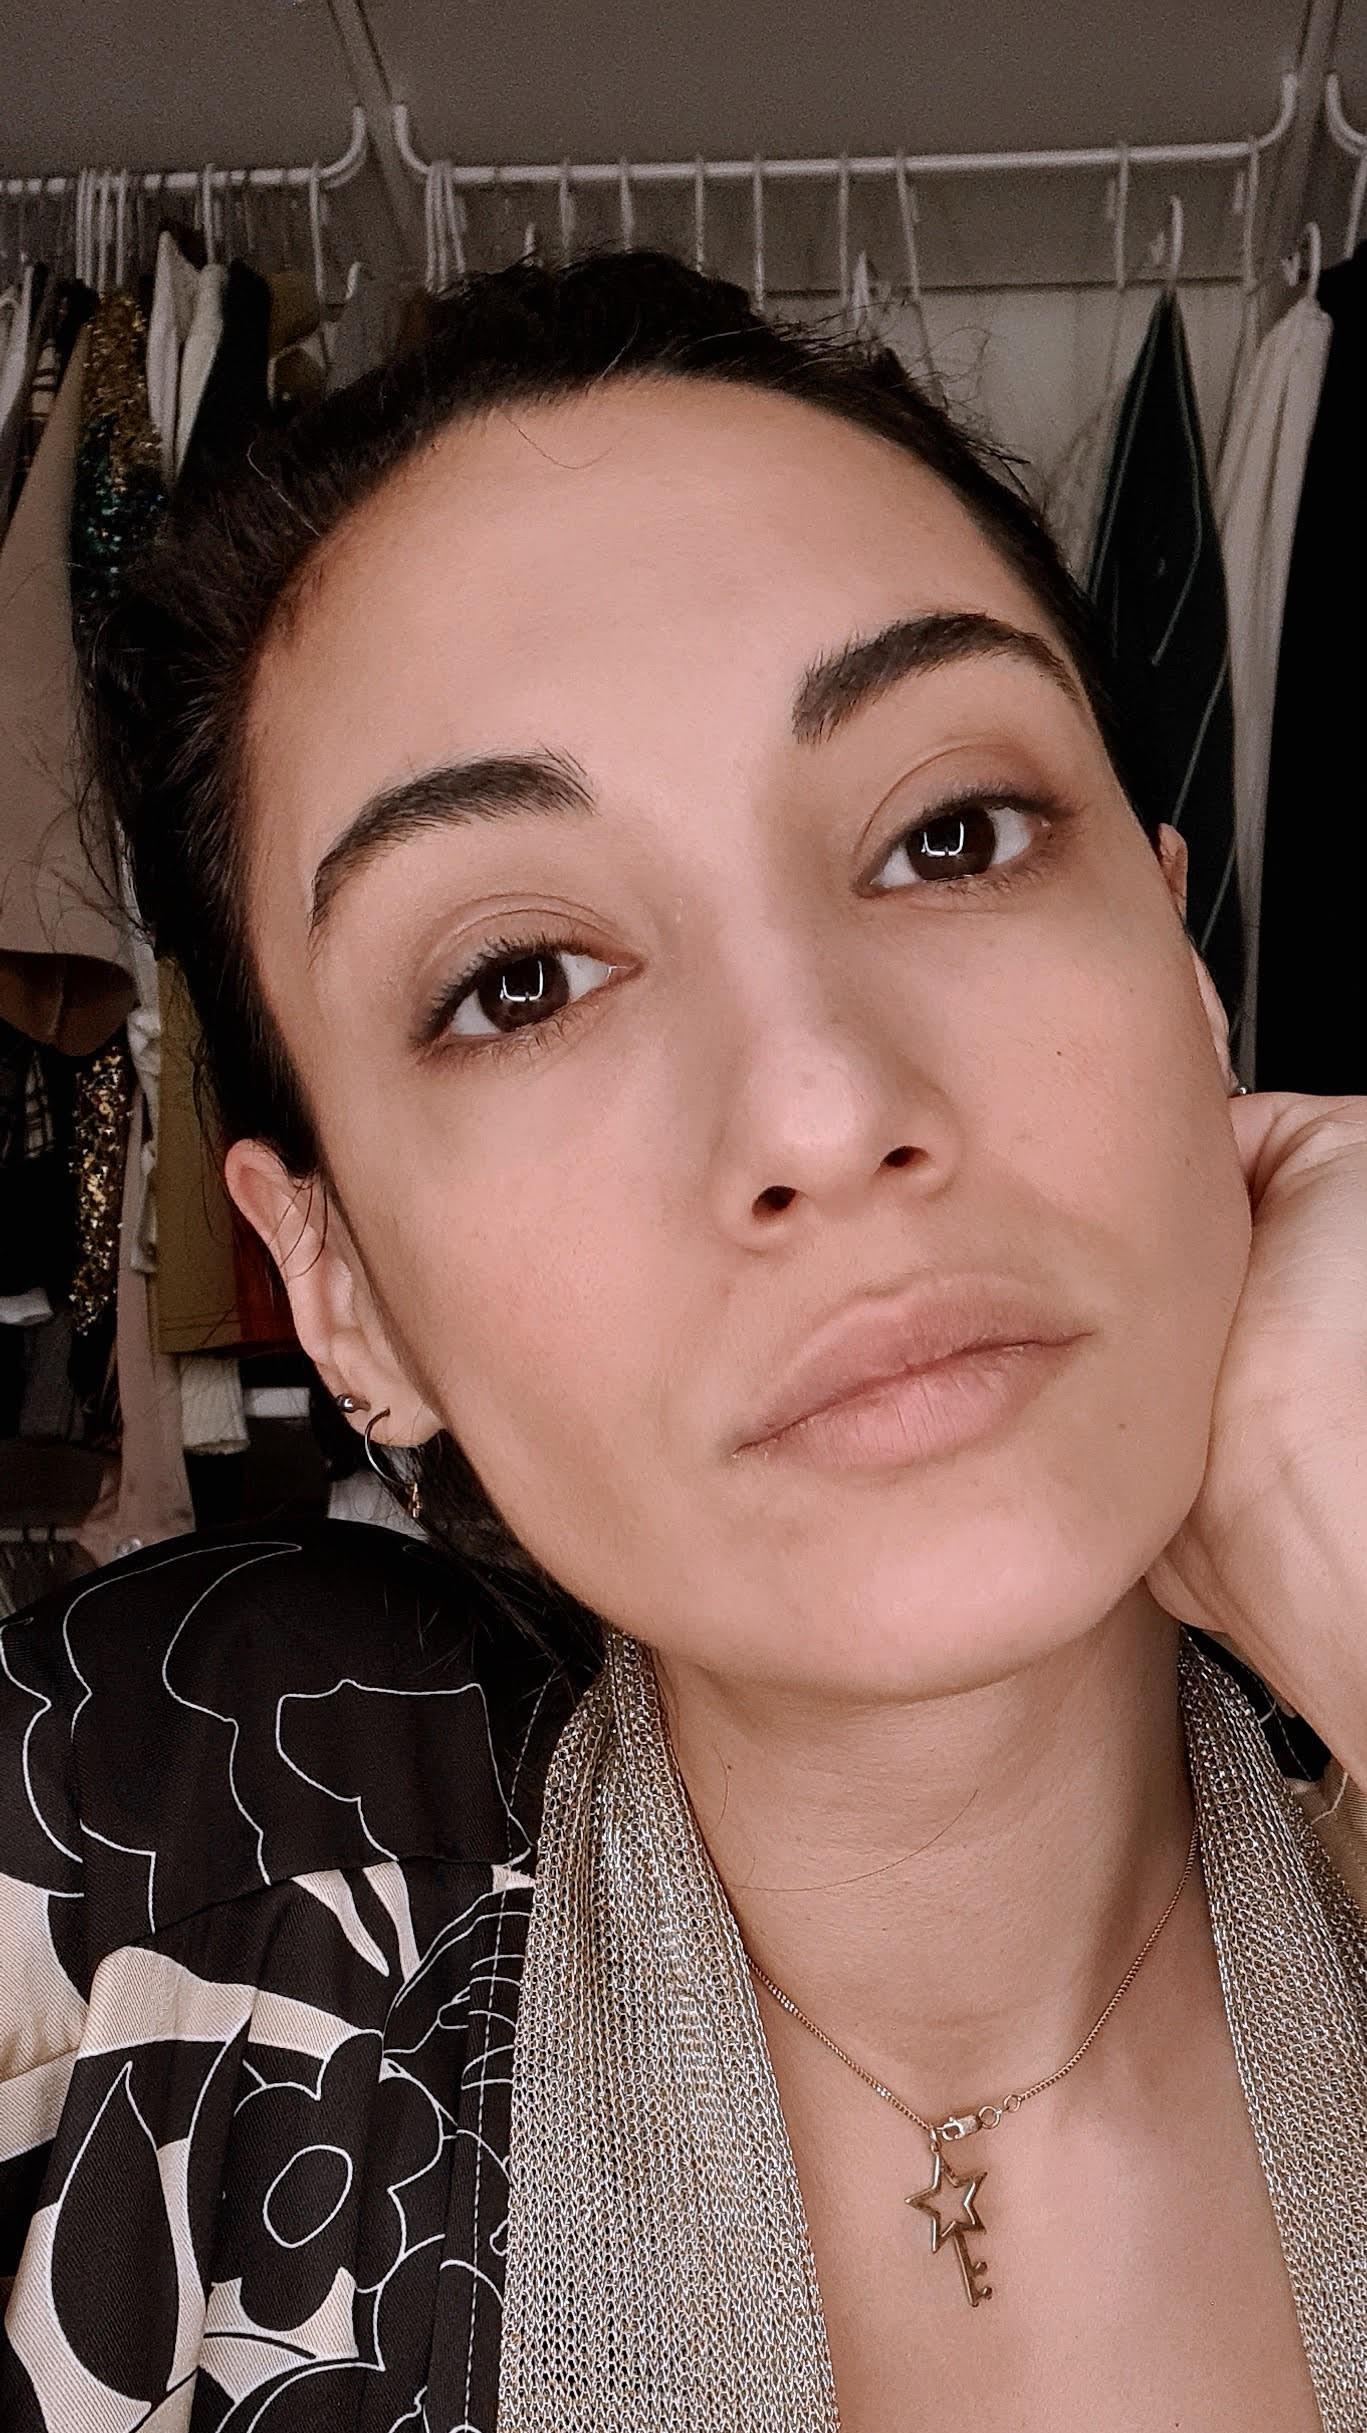 Η Ευγενία Σαμαρά μιλάει για τις μέρες της απομόνωσης